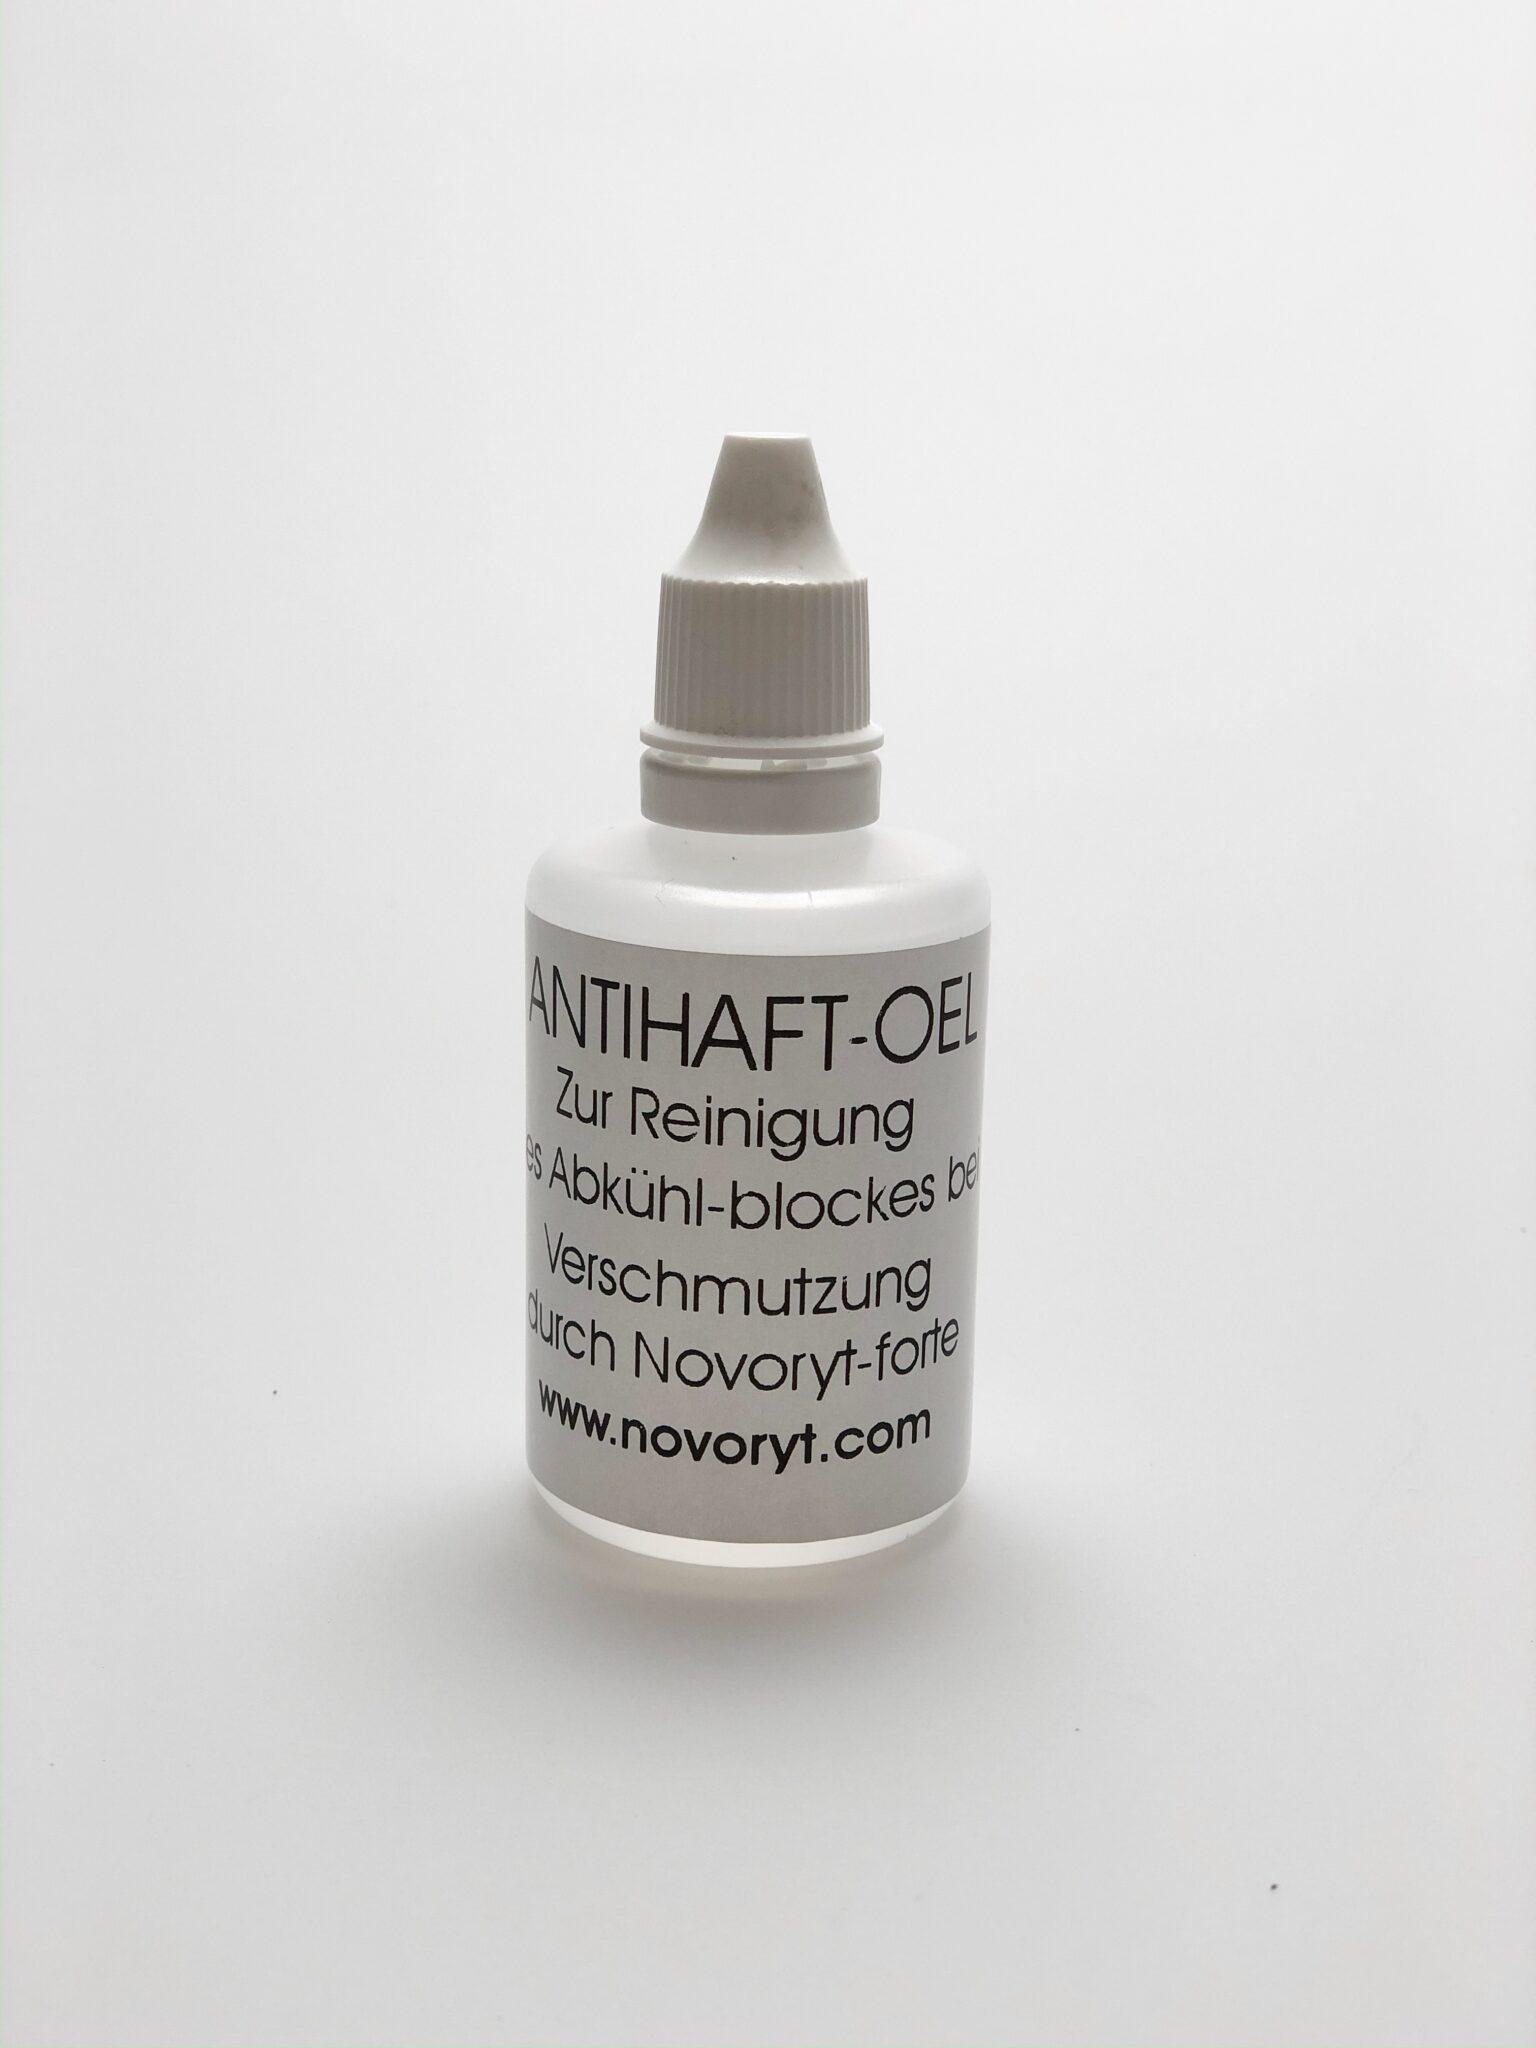 l'huile d'anti-adhéré Art. No. 133.510